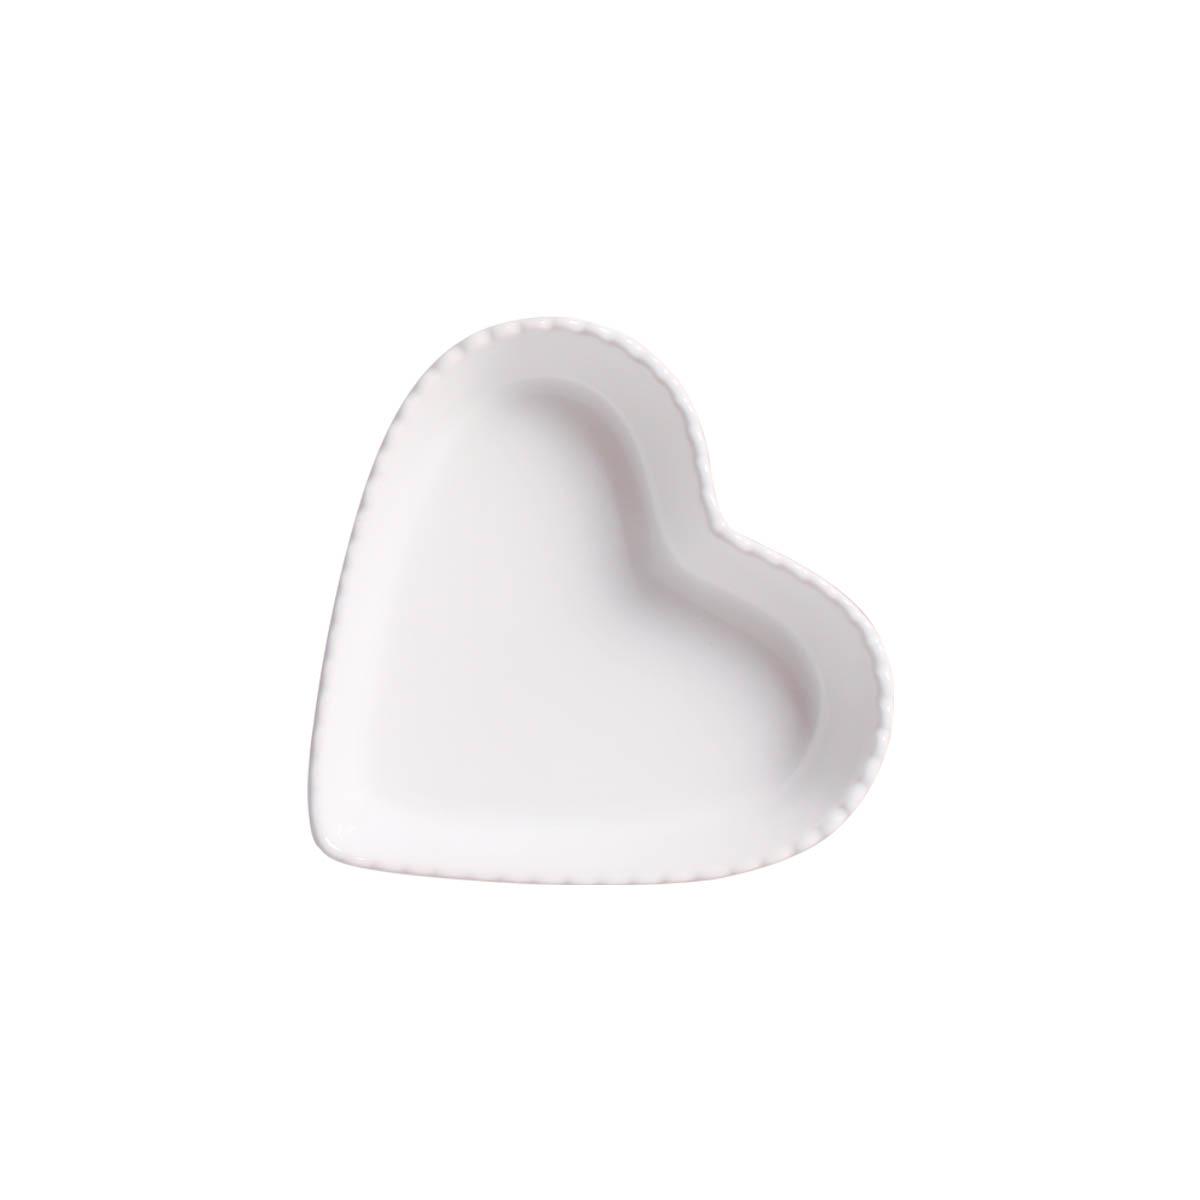 Travessa Petisqueira Funda Coração Branco com Relevo